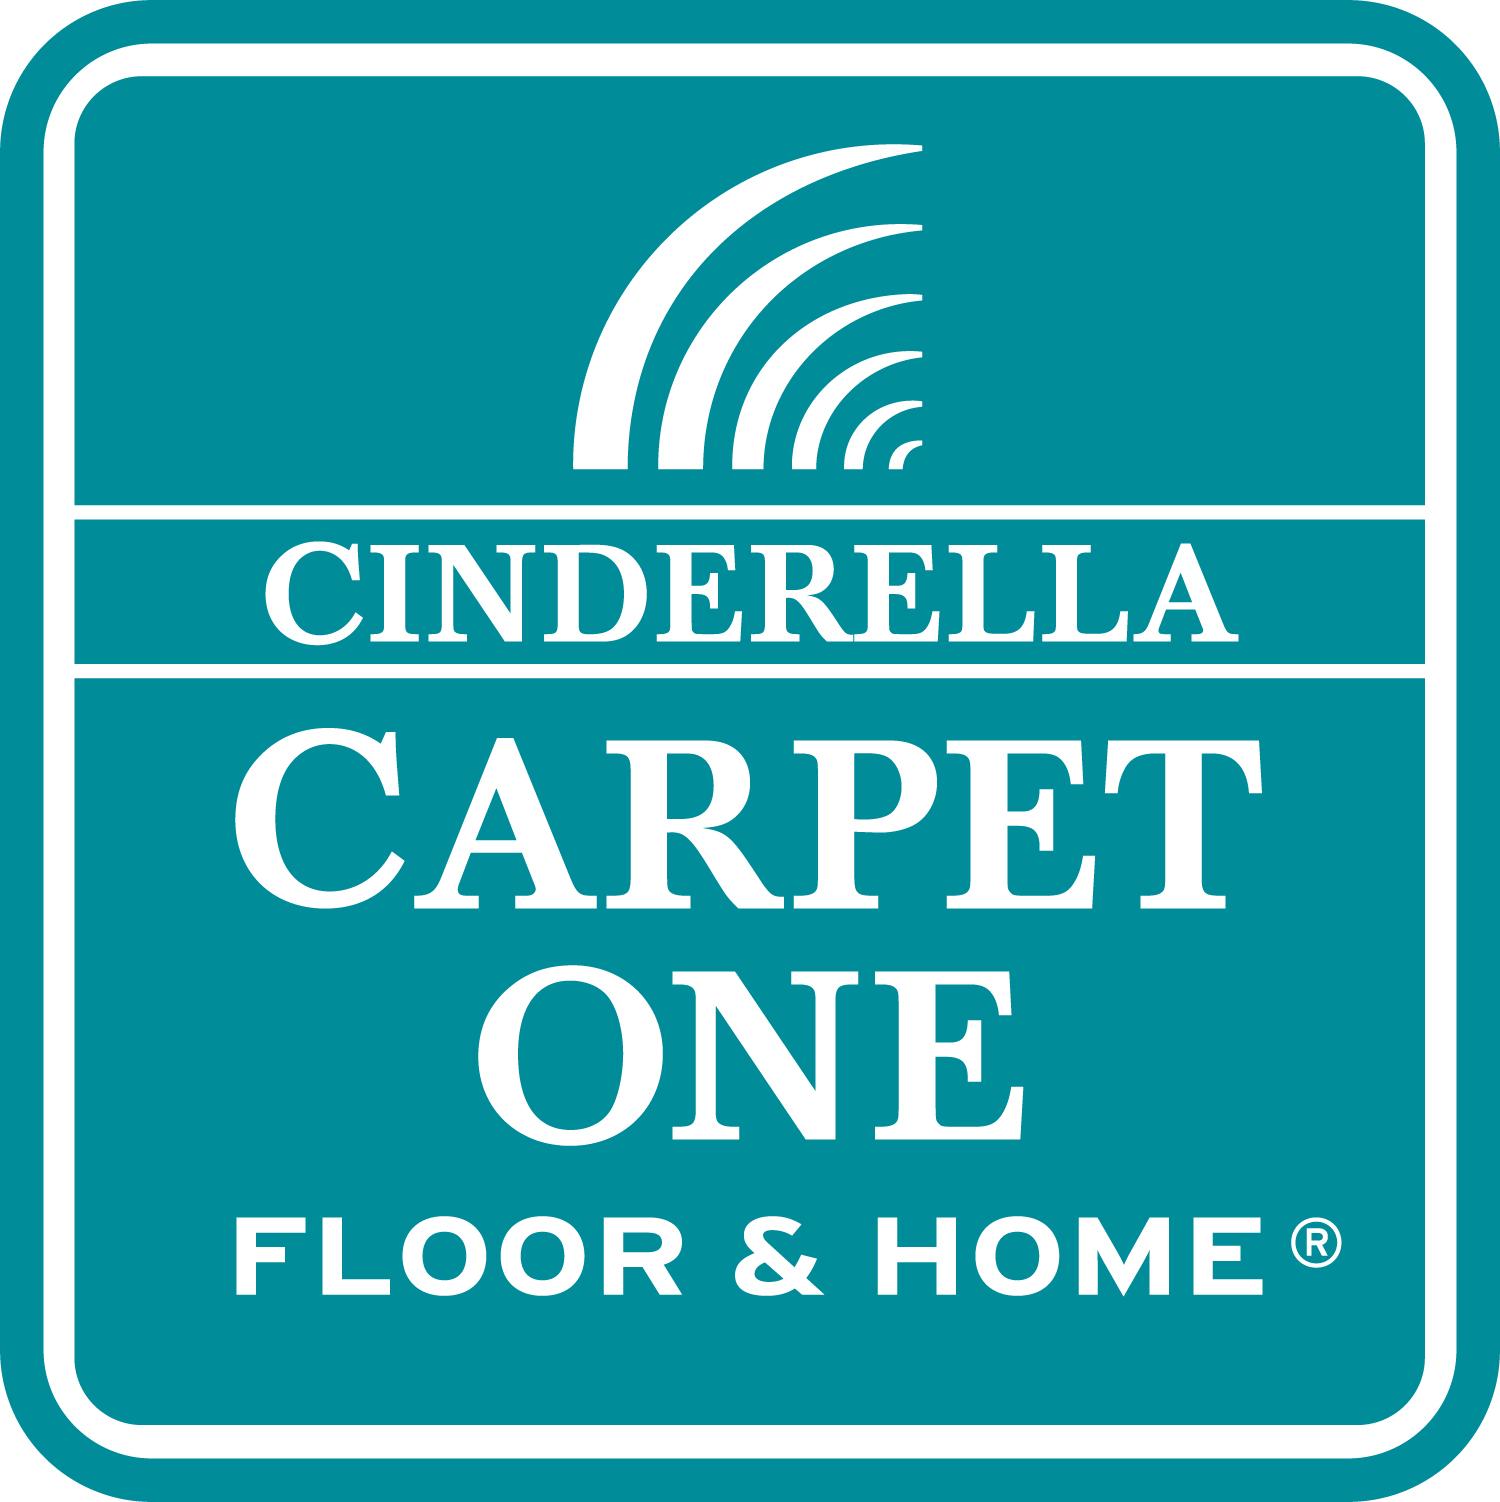 Cinderella Carpet One Local Retailer Cinderella Carpet